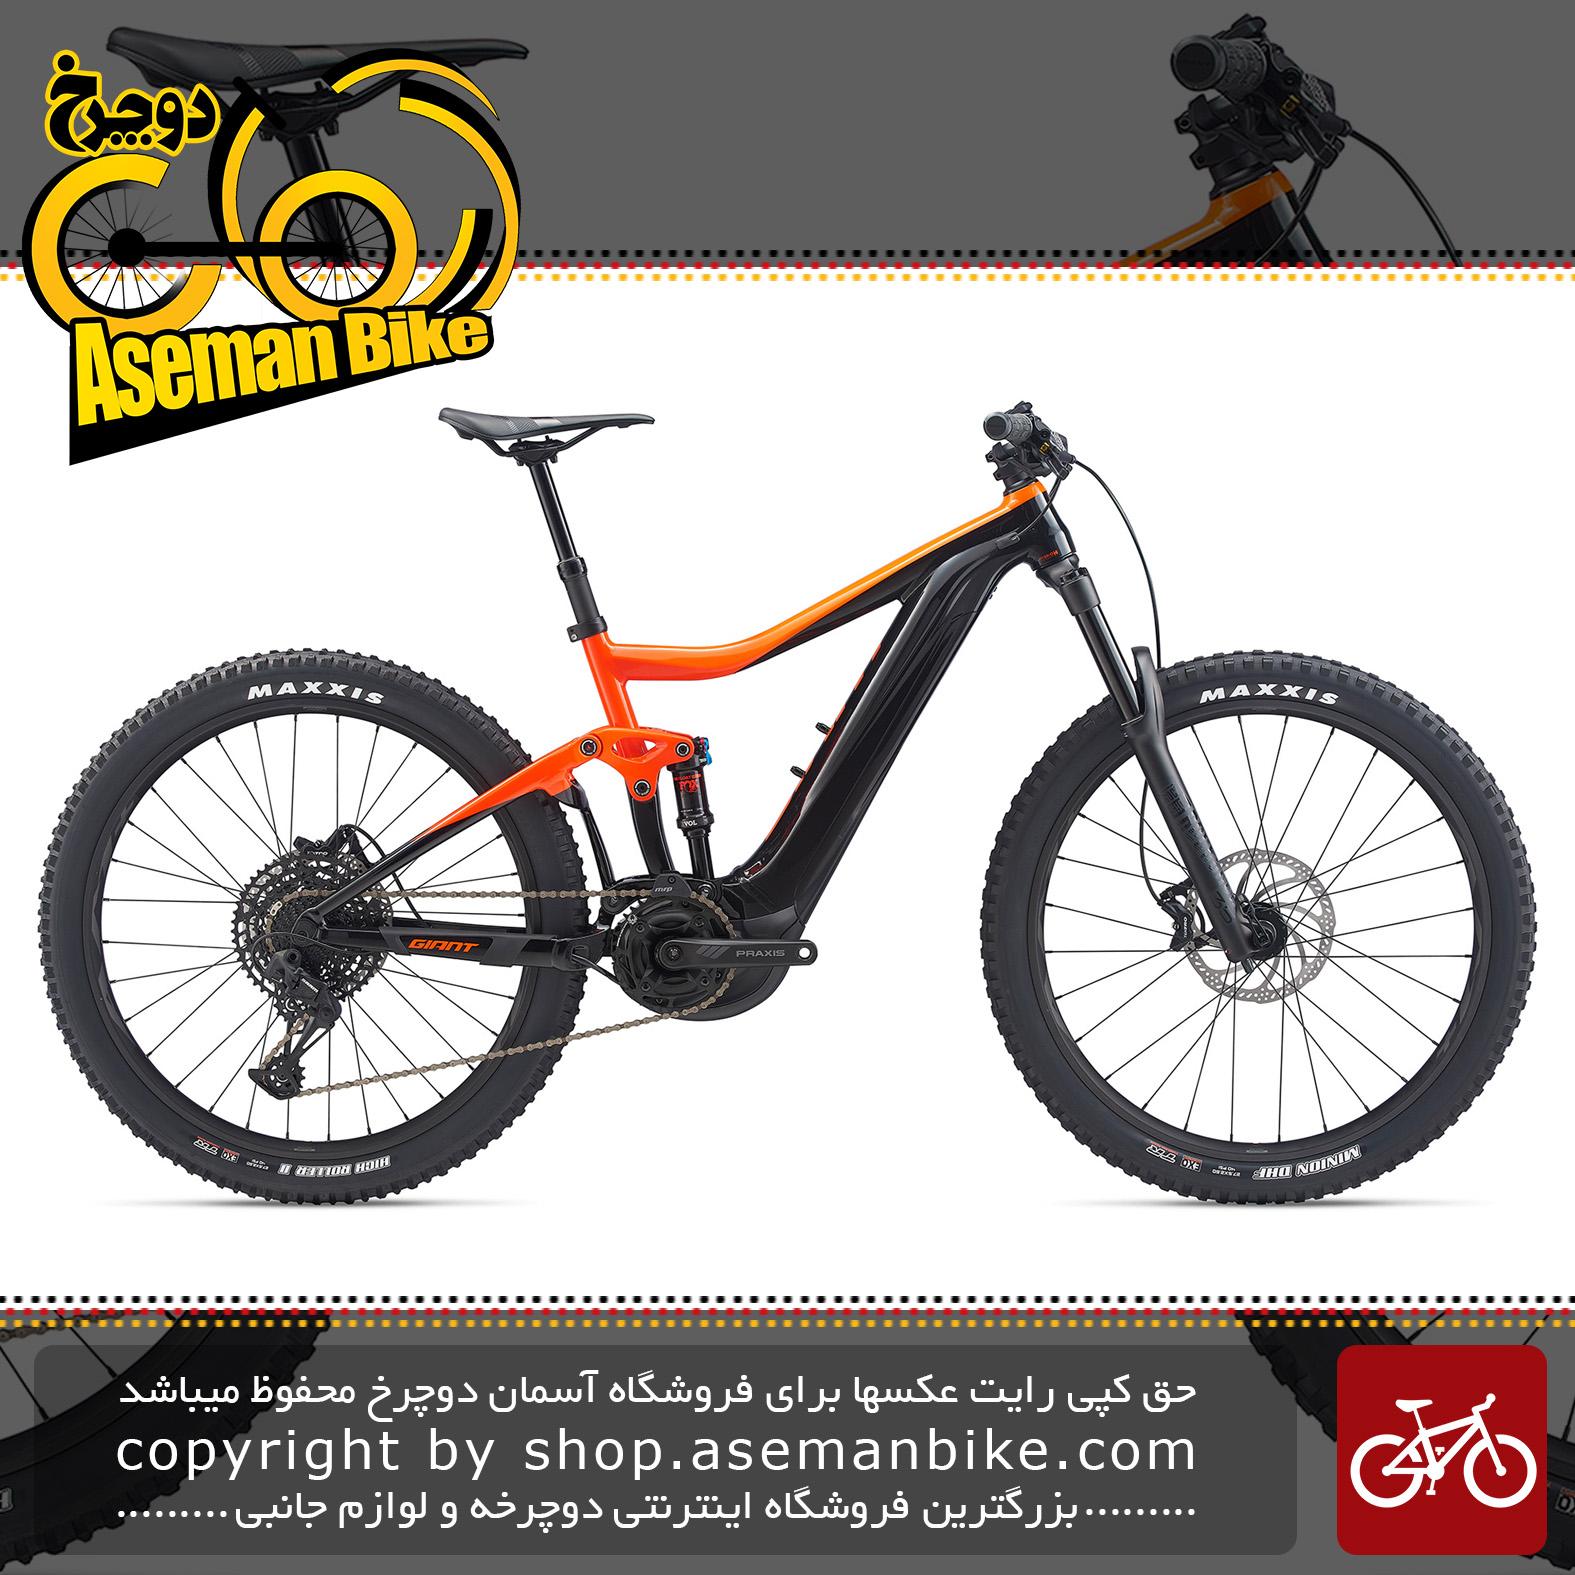 دوچرخه کوهستان برقی جاینت مدل ترنس ای پلاس 3 پرو 2020 Giant Mountain Bicycle Trance E+ 3 Pro 2020